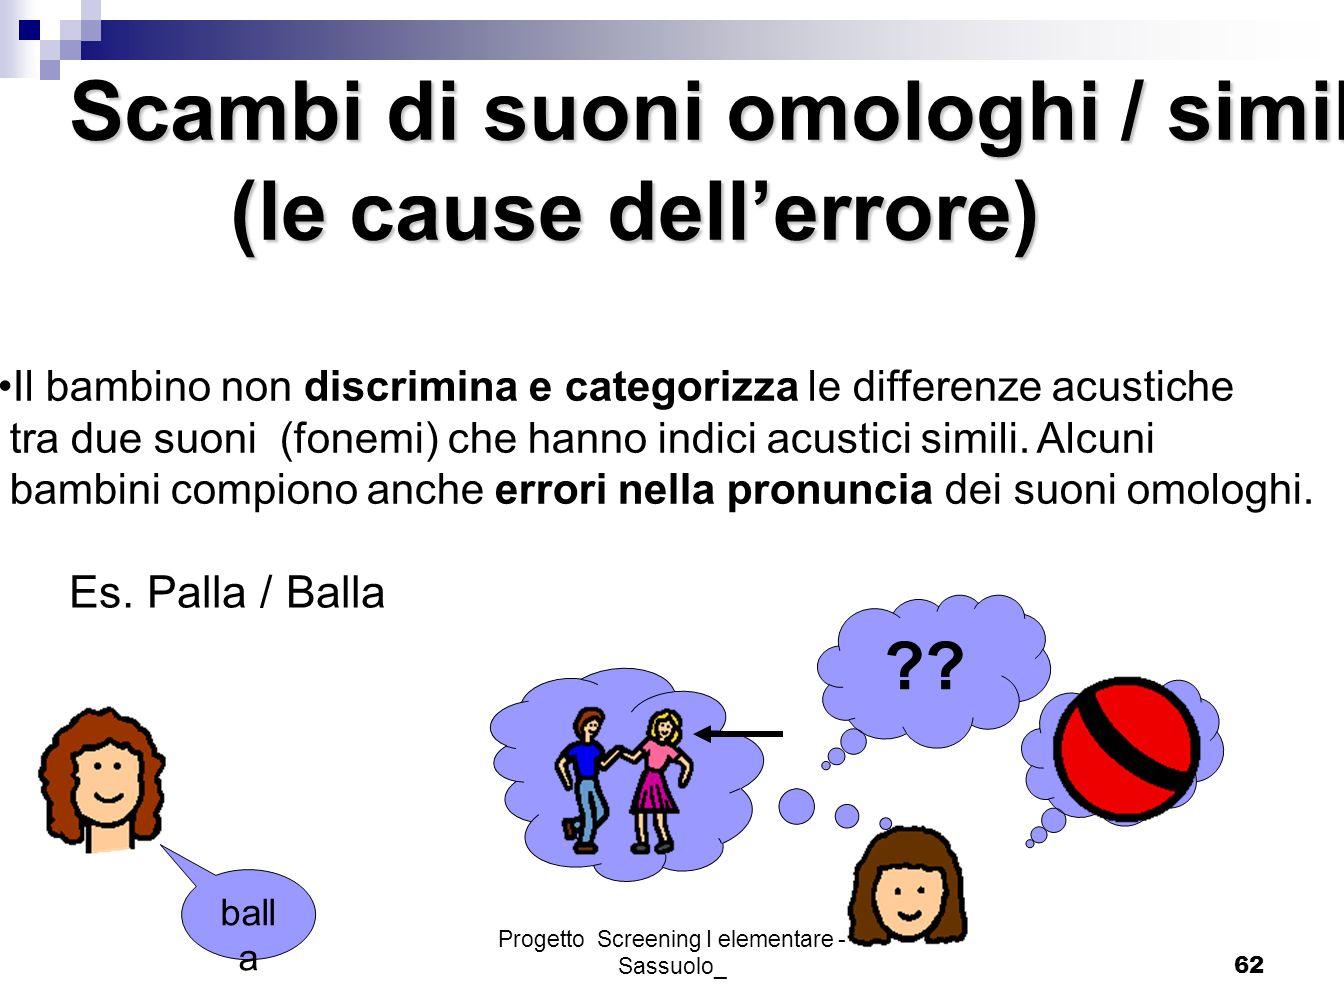 Progetto Screening I elementare - Sassuolo_62 Scambi di suoni omologhi / simili (le cause dellerrore) (le cause dellerrore) Il bambino non discrimina